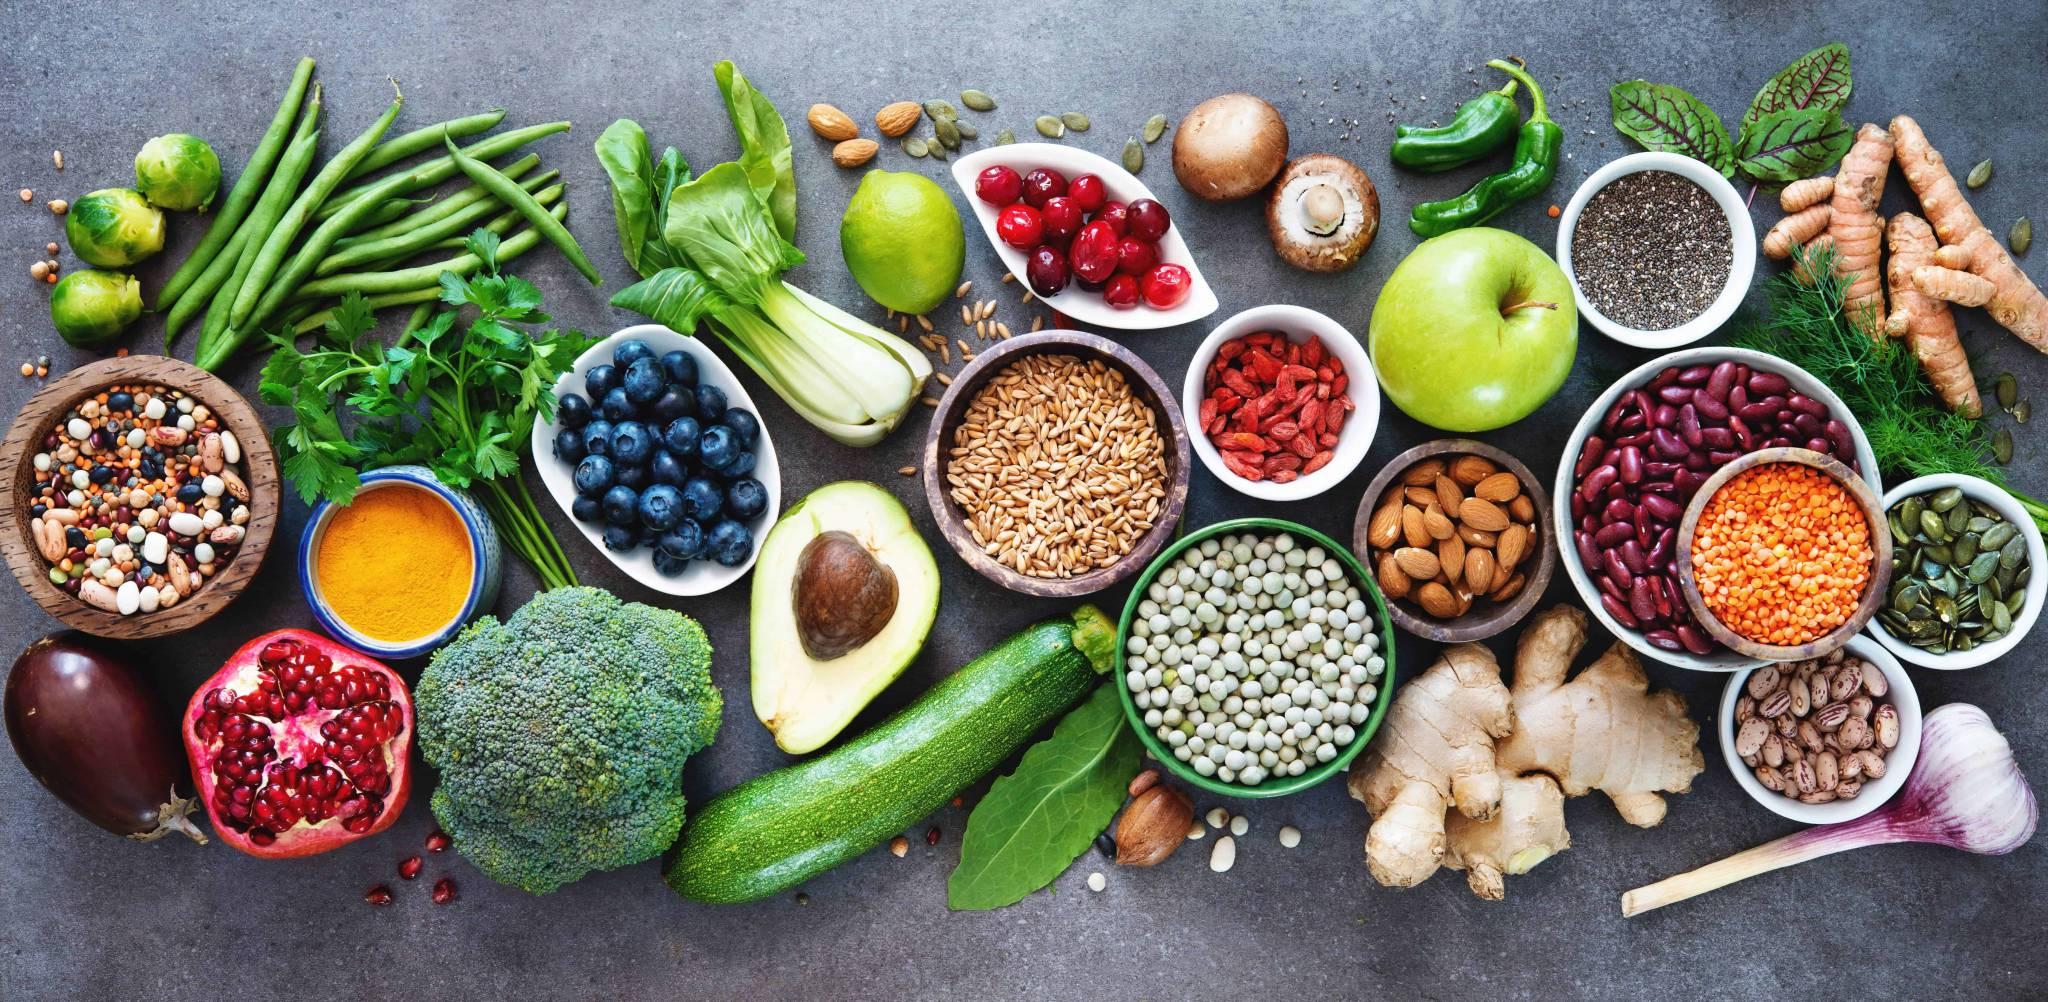 Chcesz zostać weganinem? Dieta pudełkowa to dobry pomysł na start!